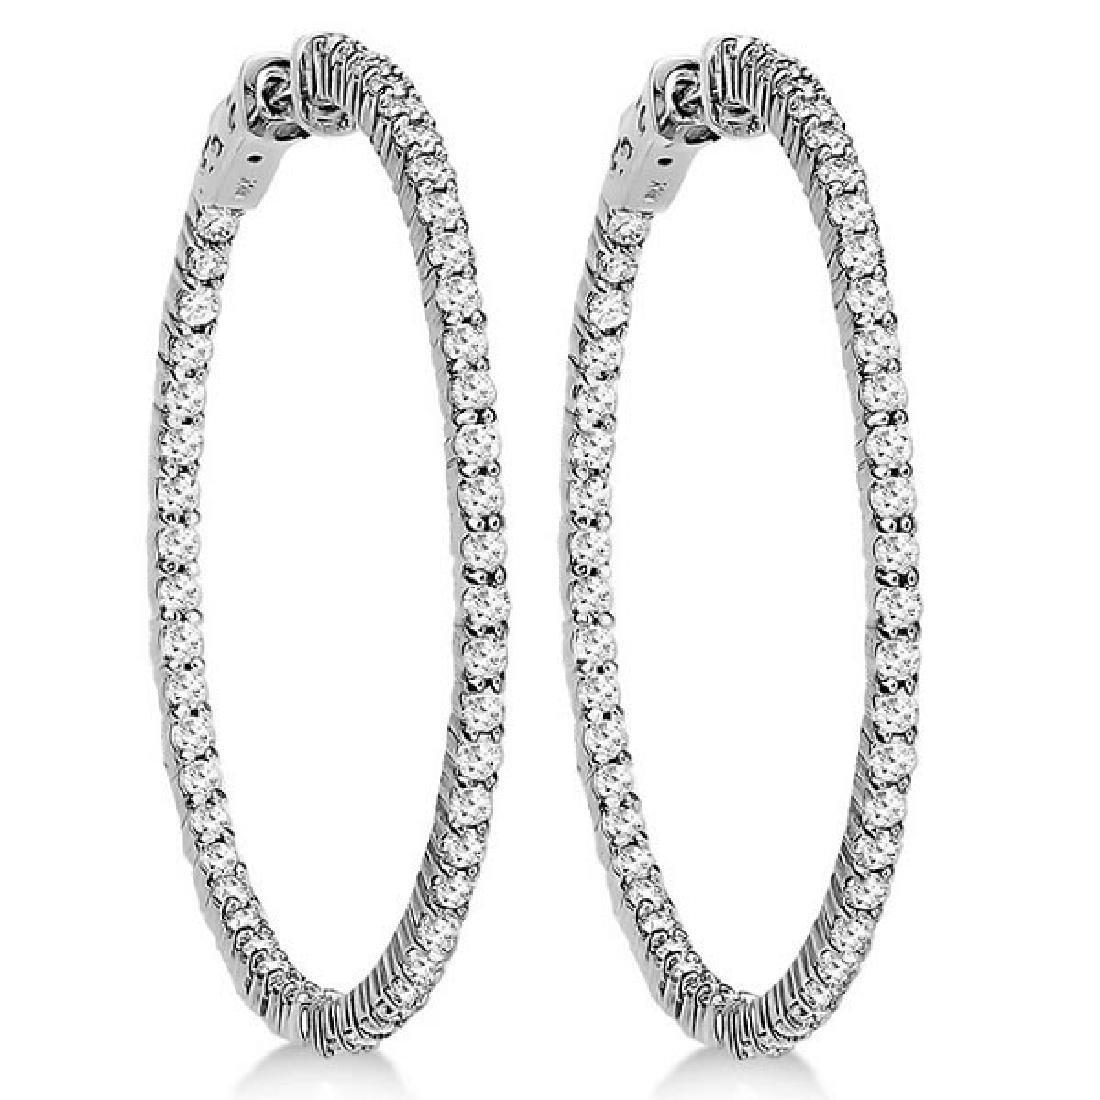 Prong-Set Diamond Hoop Earrings in 14k White Gold (3.00